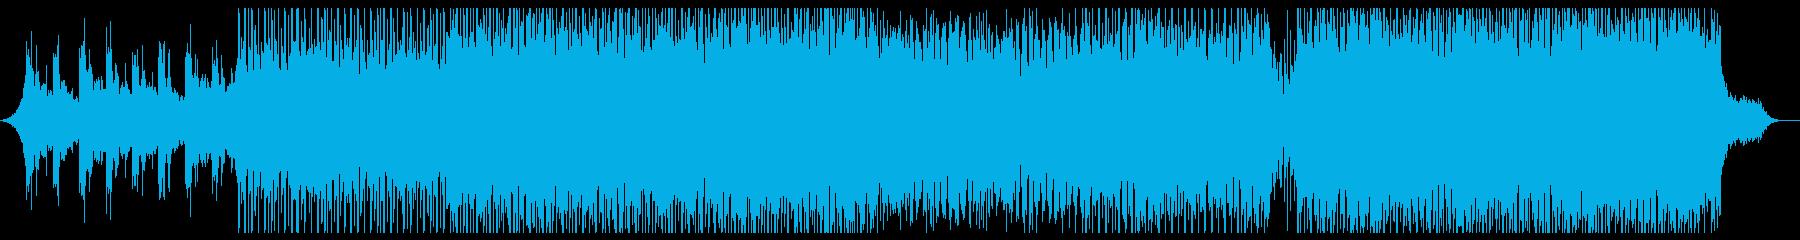 メディカルの再生済みの波形